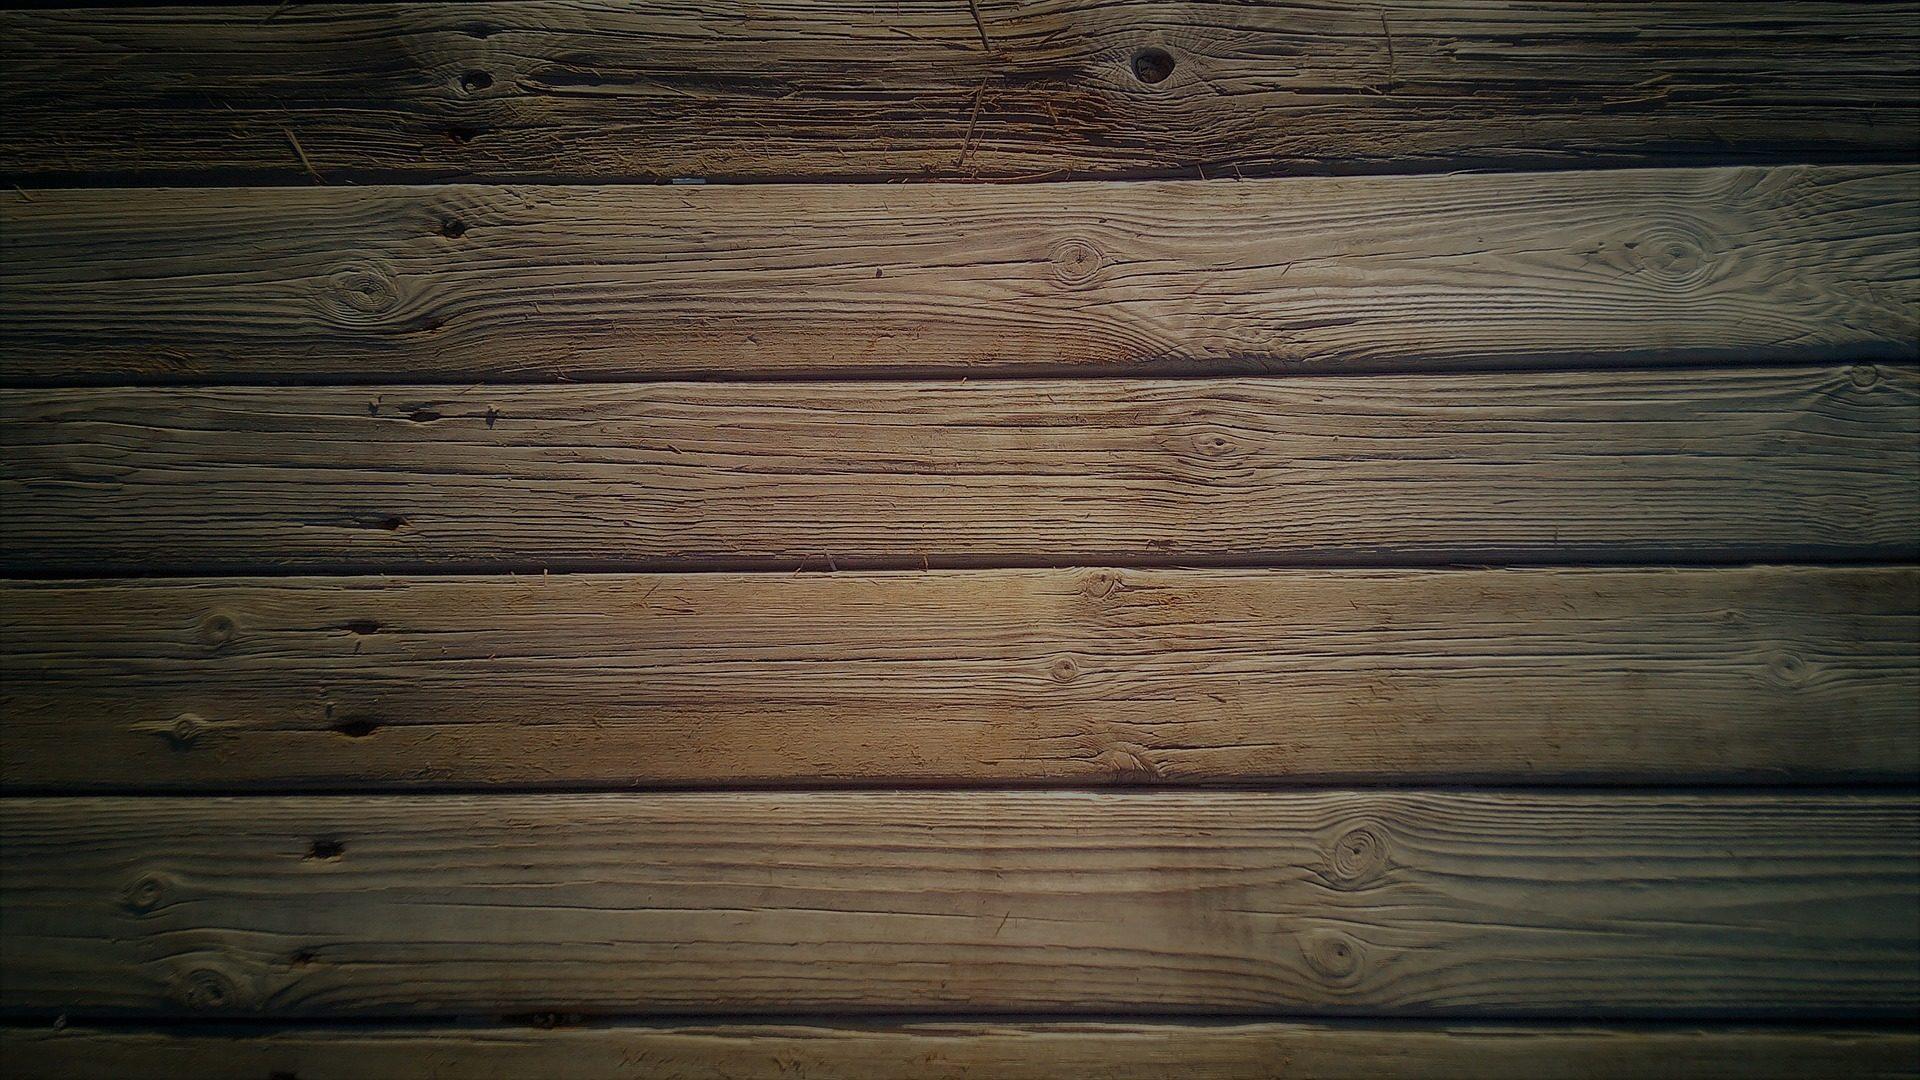 Papel de parede de madeira veias textura vigas buracos for Papel de pared madera